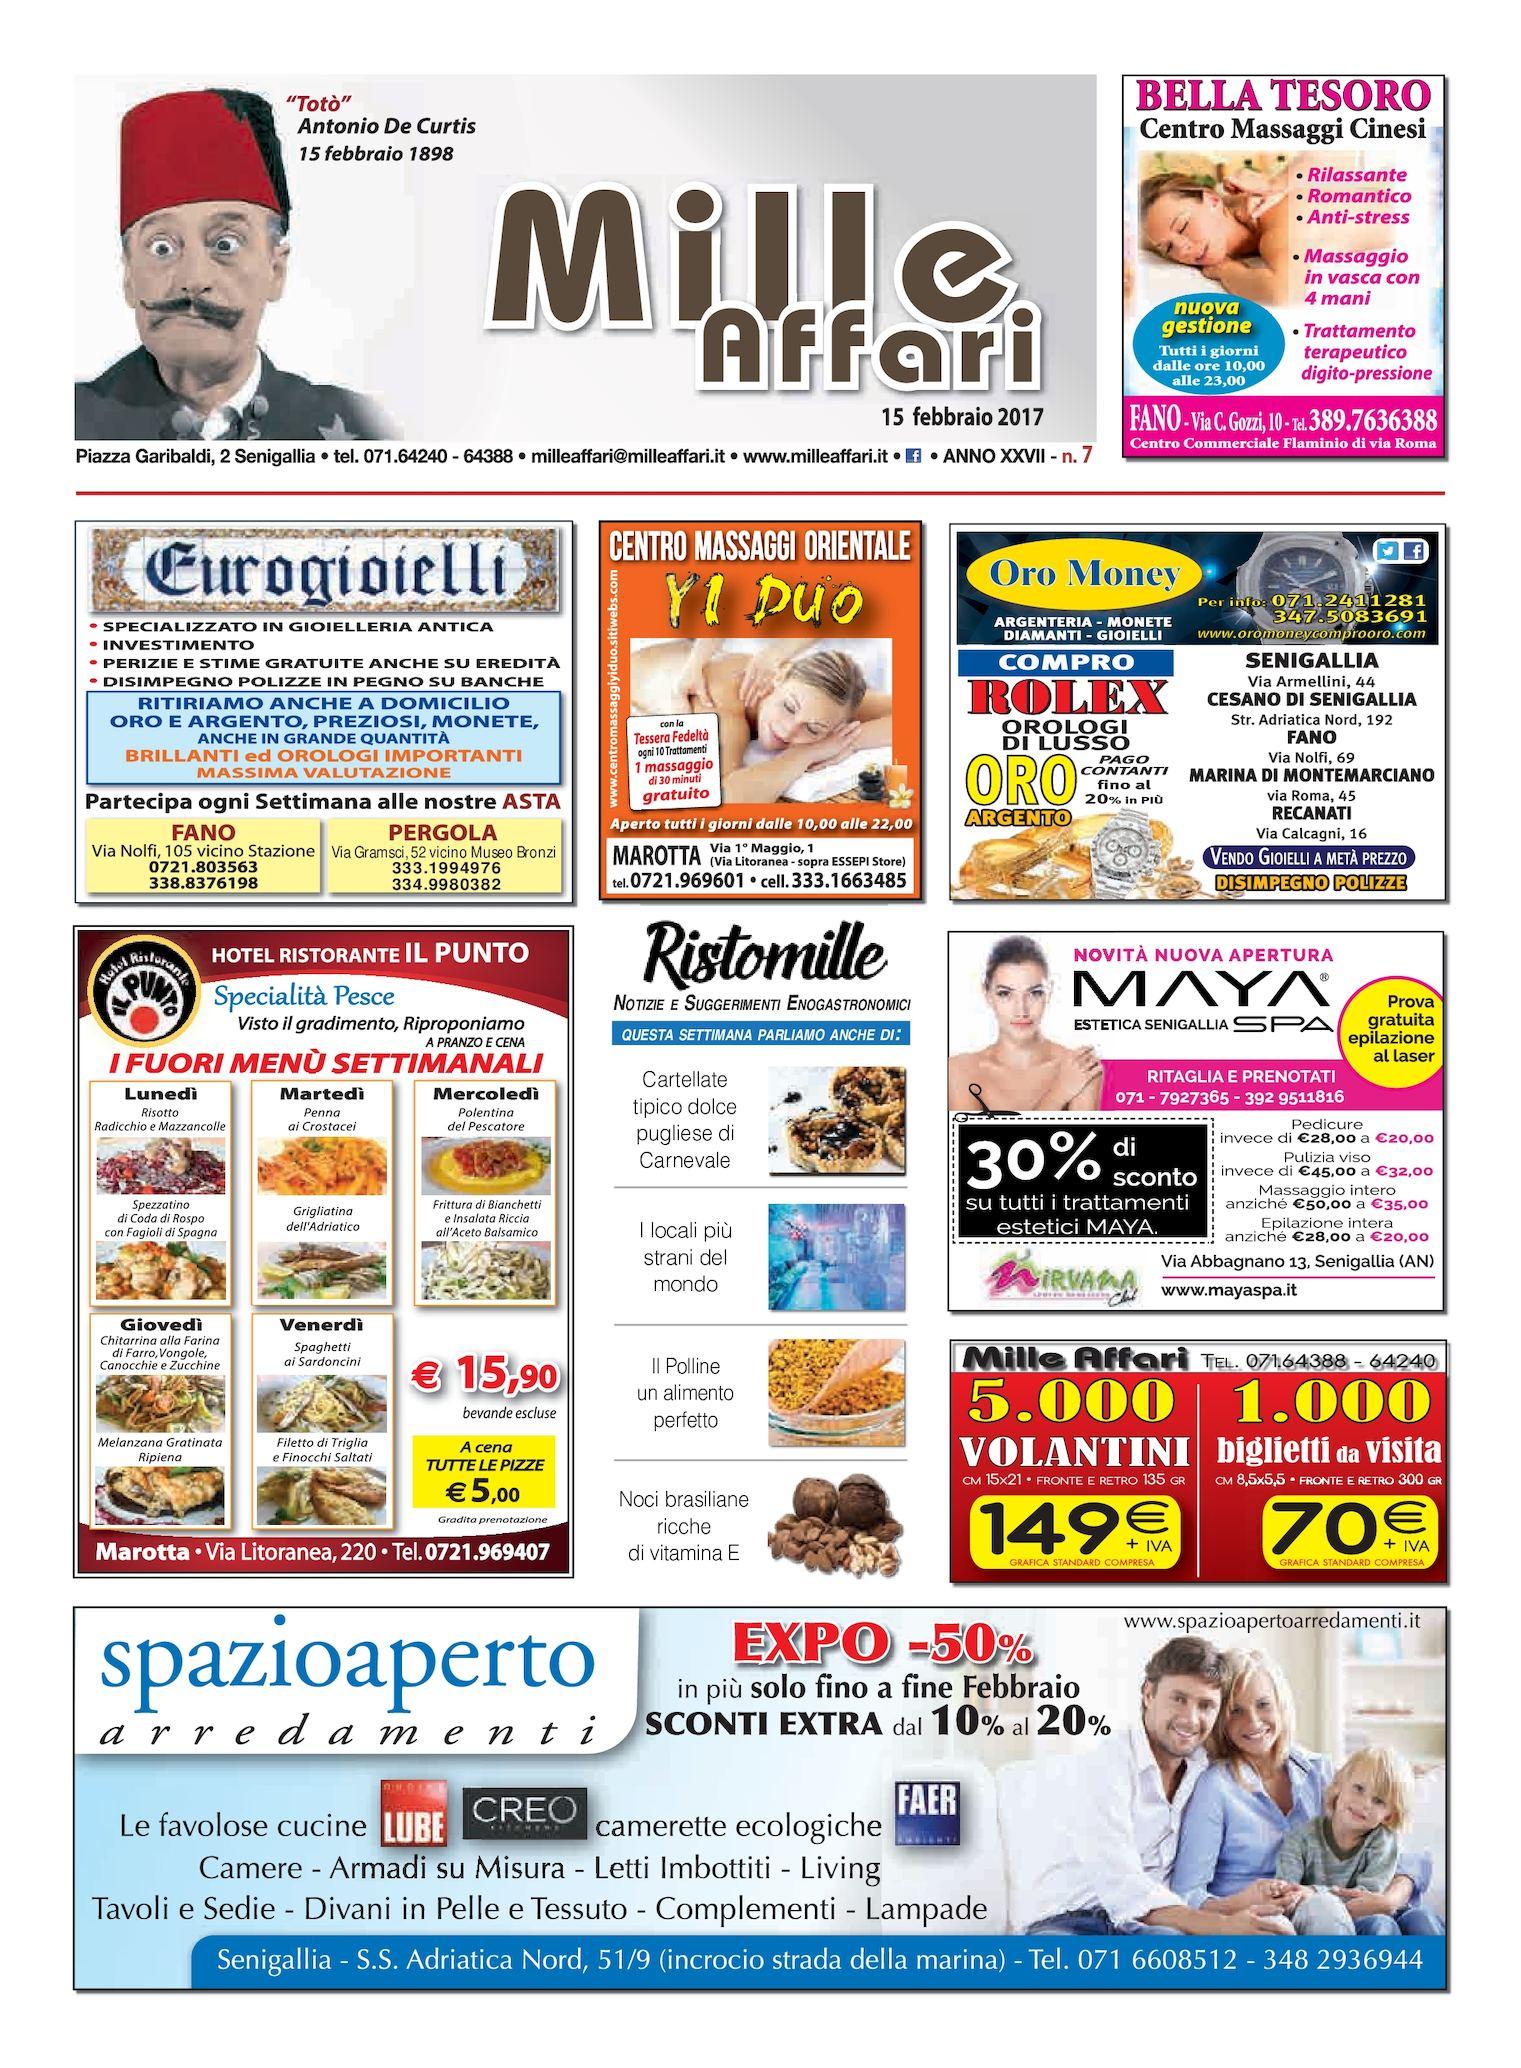 Calaméo - Milleaffari N°07 Del 17.02.17 3702d9f9d57f